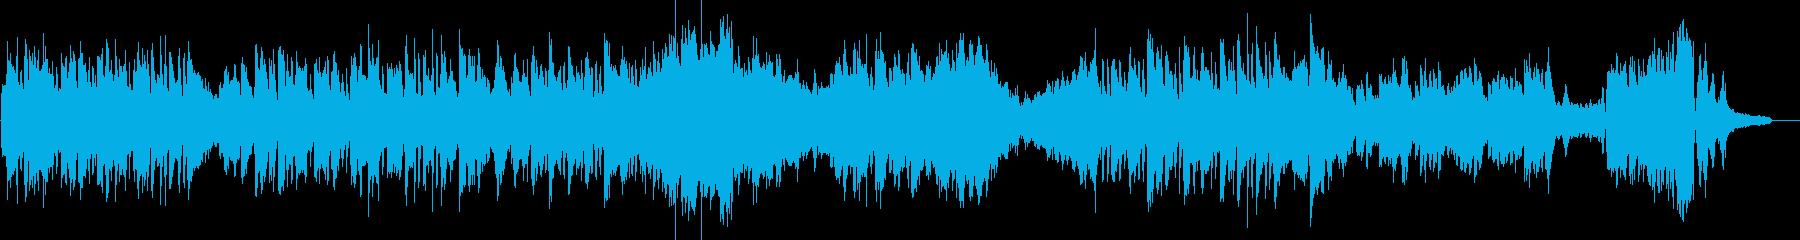 ショパン エチュード Op10 No8の再生済みの波形